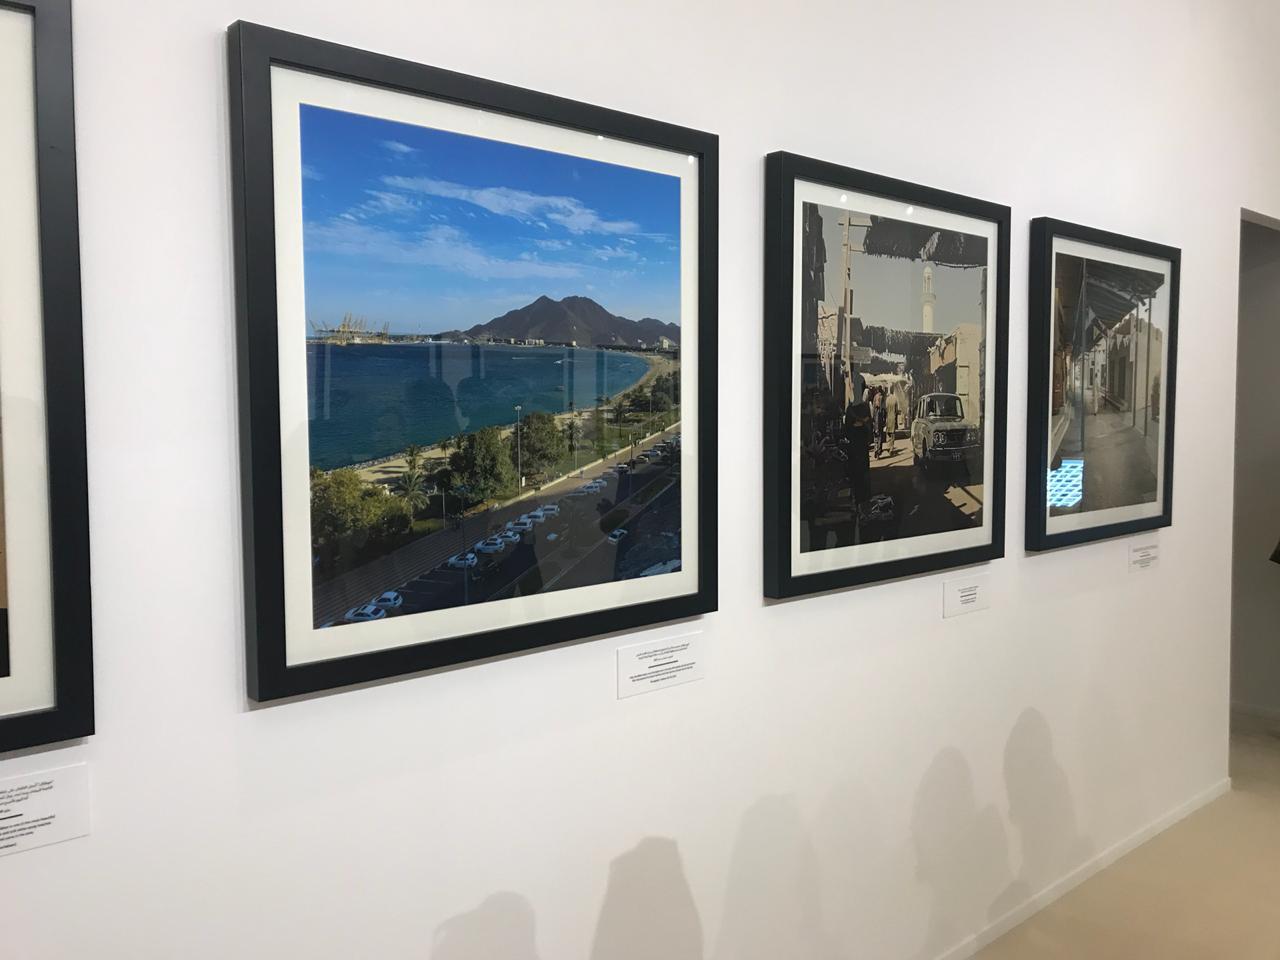 لوحات من آرت دبي لنسخة ٢٠١٩